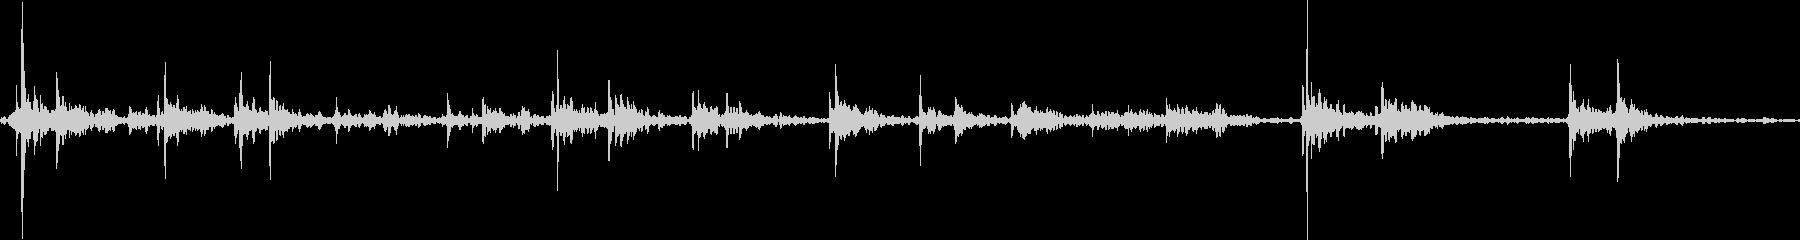 キーボードをタイピングするリアル効果音7の未再生の波形